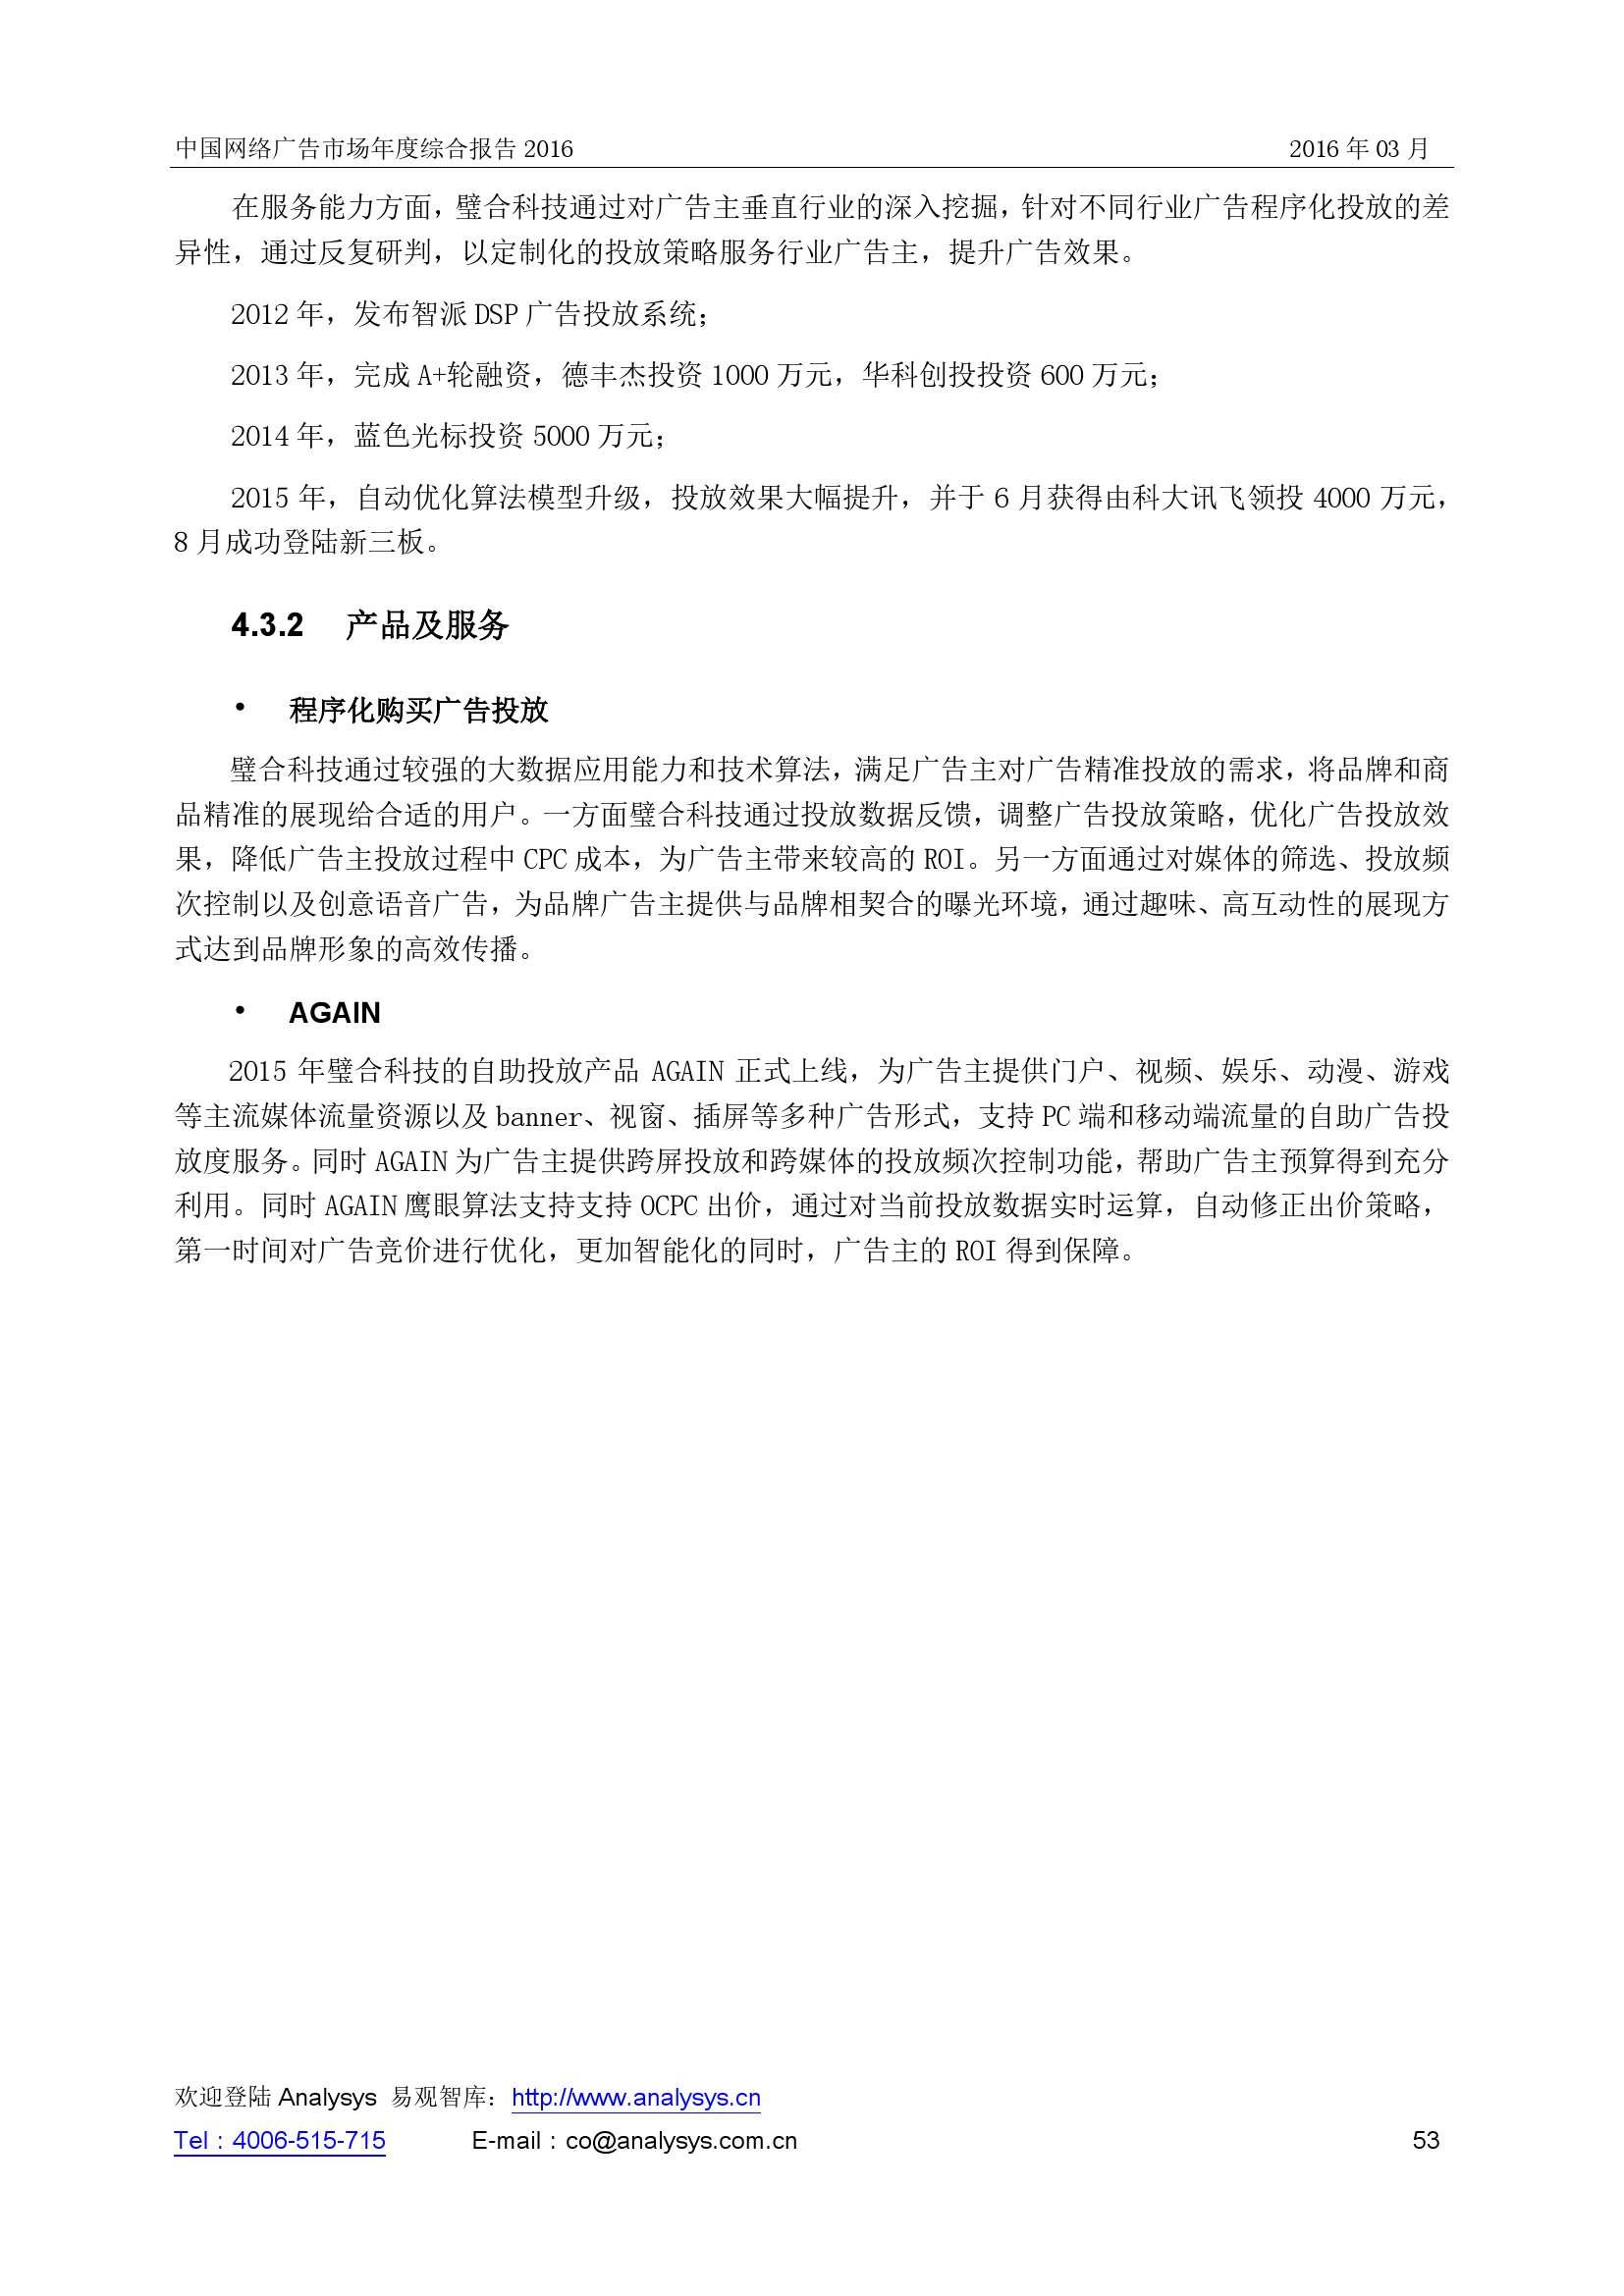 中国网络广告市场年度综合报告2016_000053